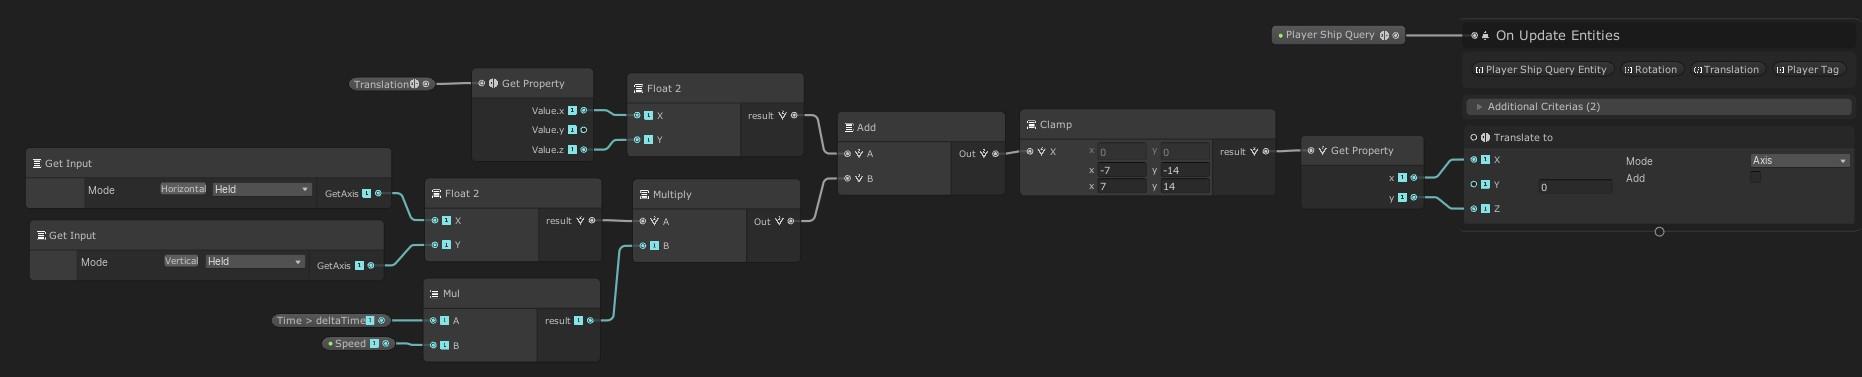 duplicate_code_graph.jpg